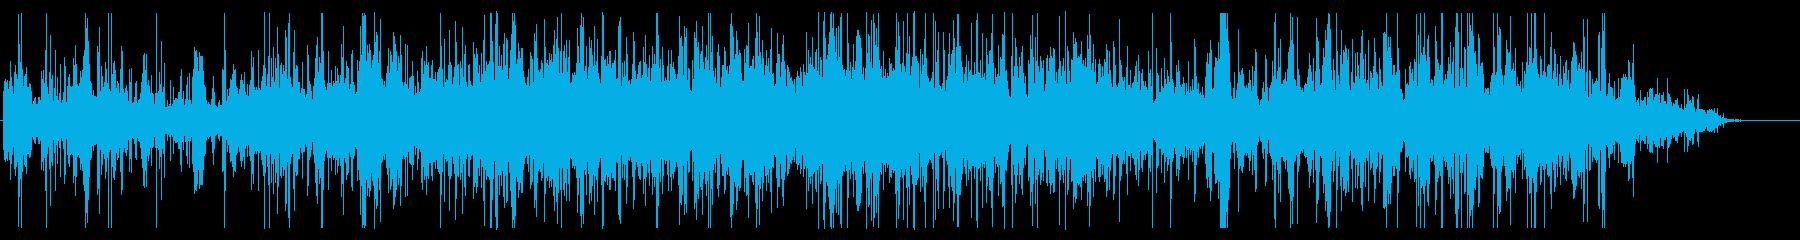 ホラー向けノイジーなうめき声の再生済みの波形